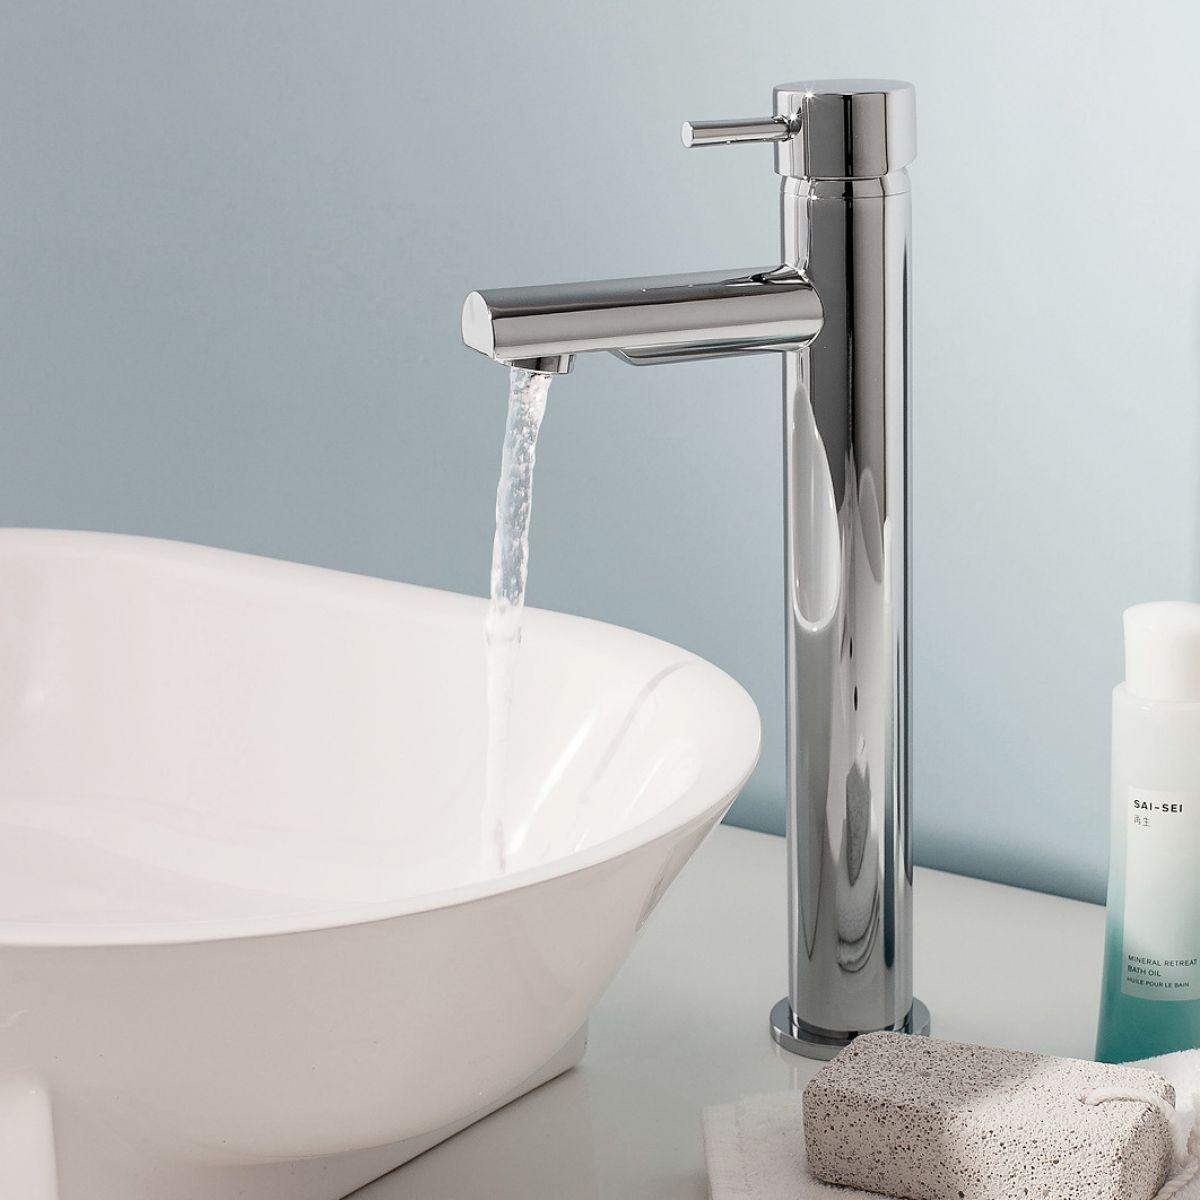 Shop Tall Basin Mixer Taps at Bathroom Shop UK